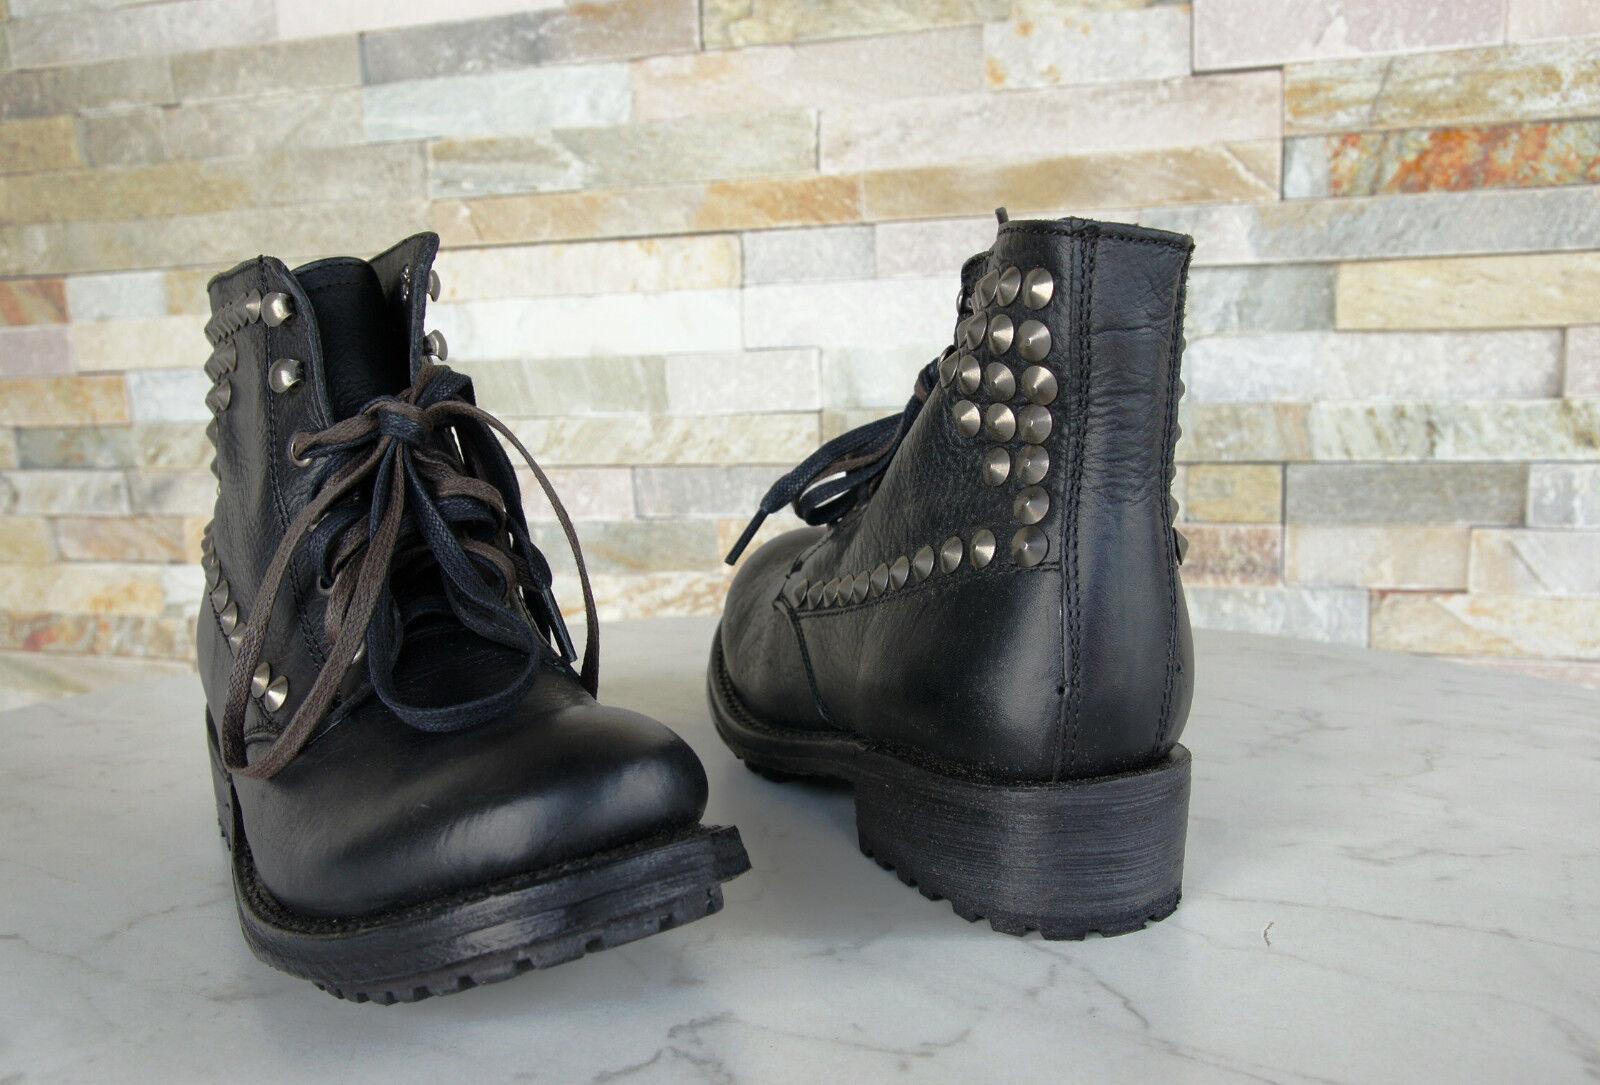 Ash Gr 37,5 Stiefel Trick Schnürstiefel Stiefel Schuhe Vintage Trick Stiefel schwarz neu b80ebf